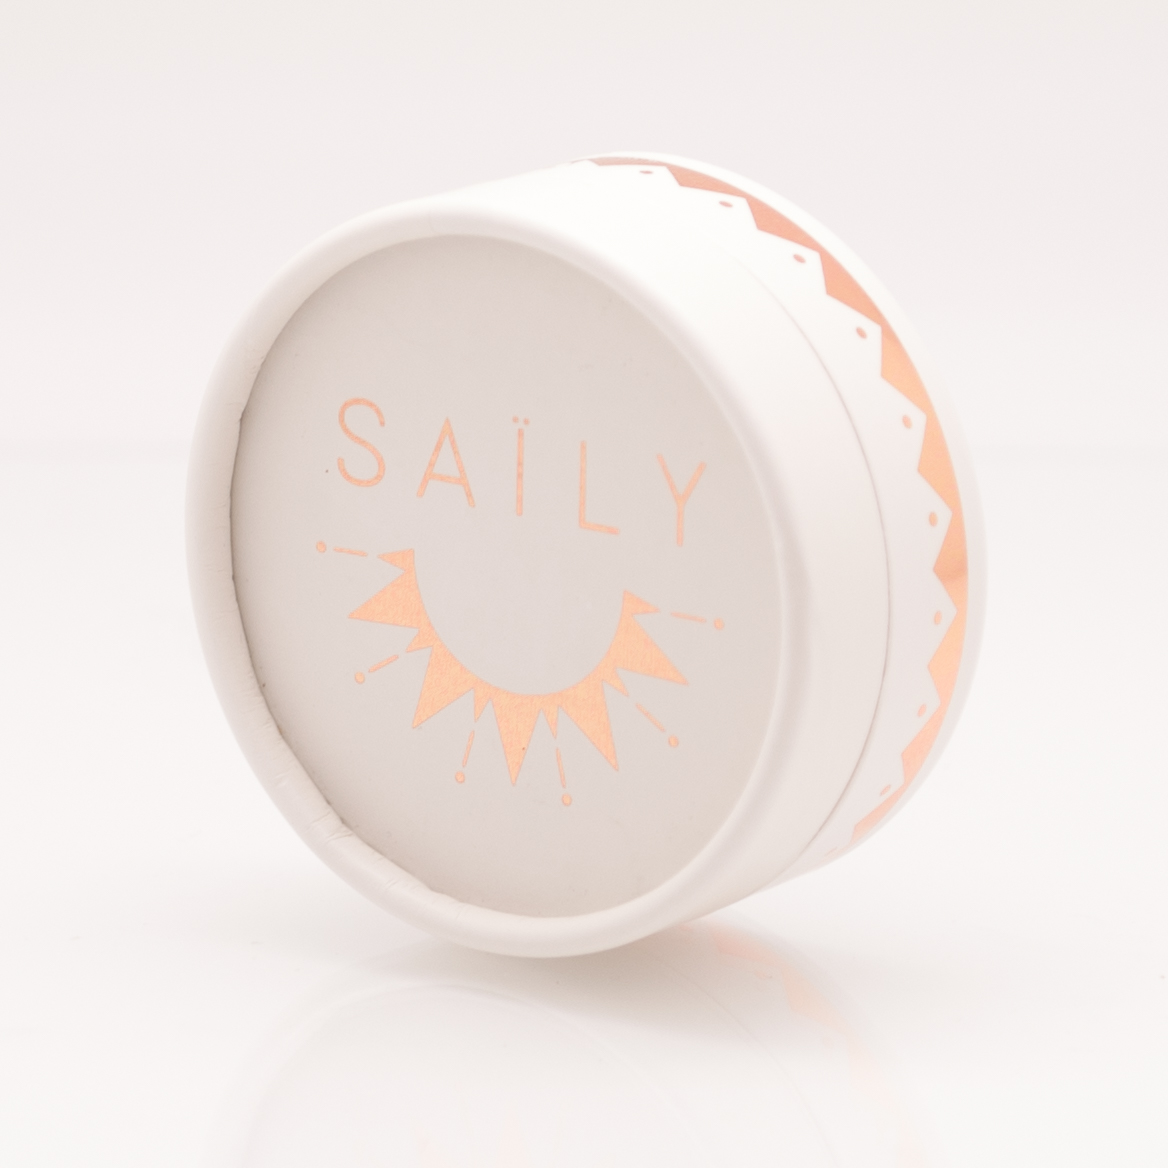 SAILY BOLA マタニティネックレス -シルバー